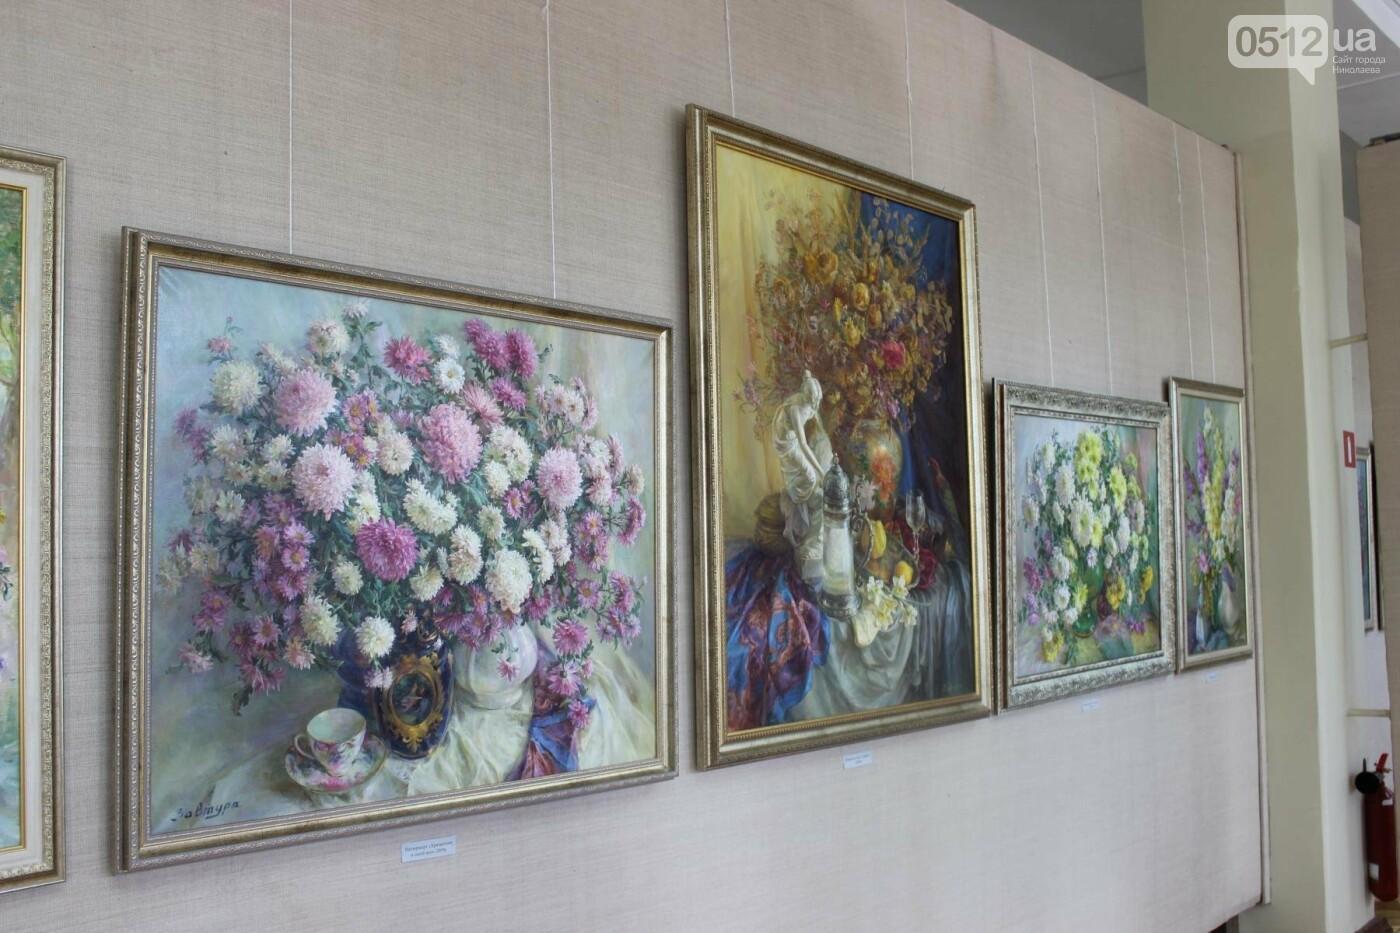 Николаевская художница Светлана Завтура презентовала свою юбилейную выставку, - ФОТО, фото-22